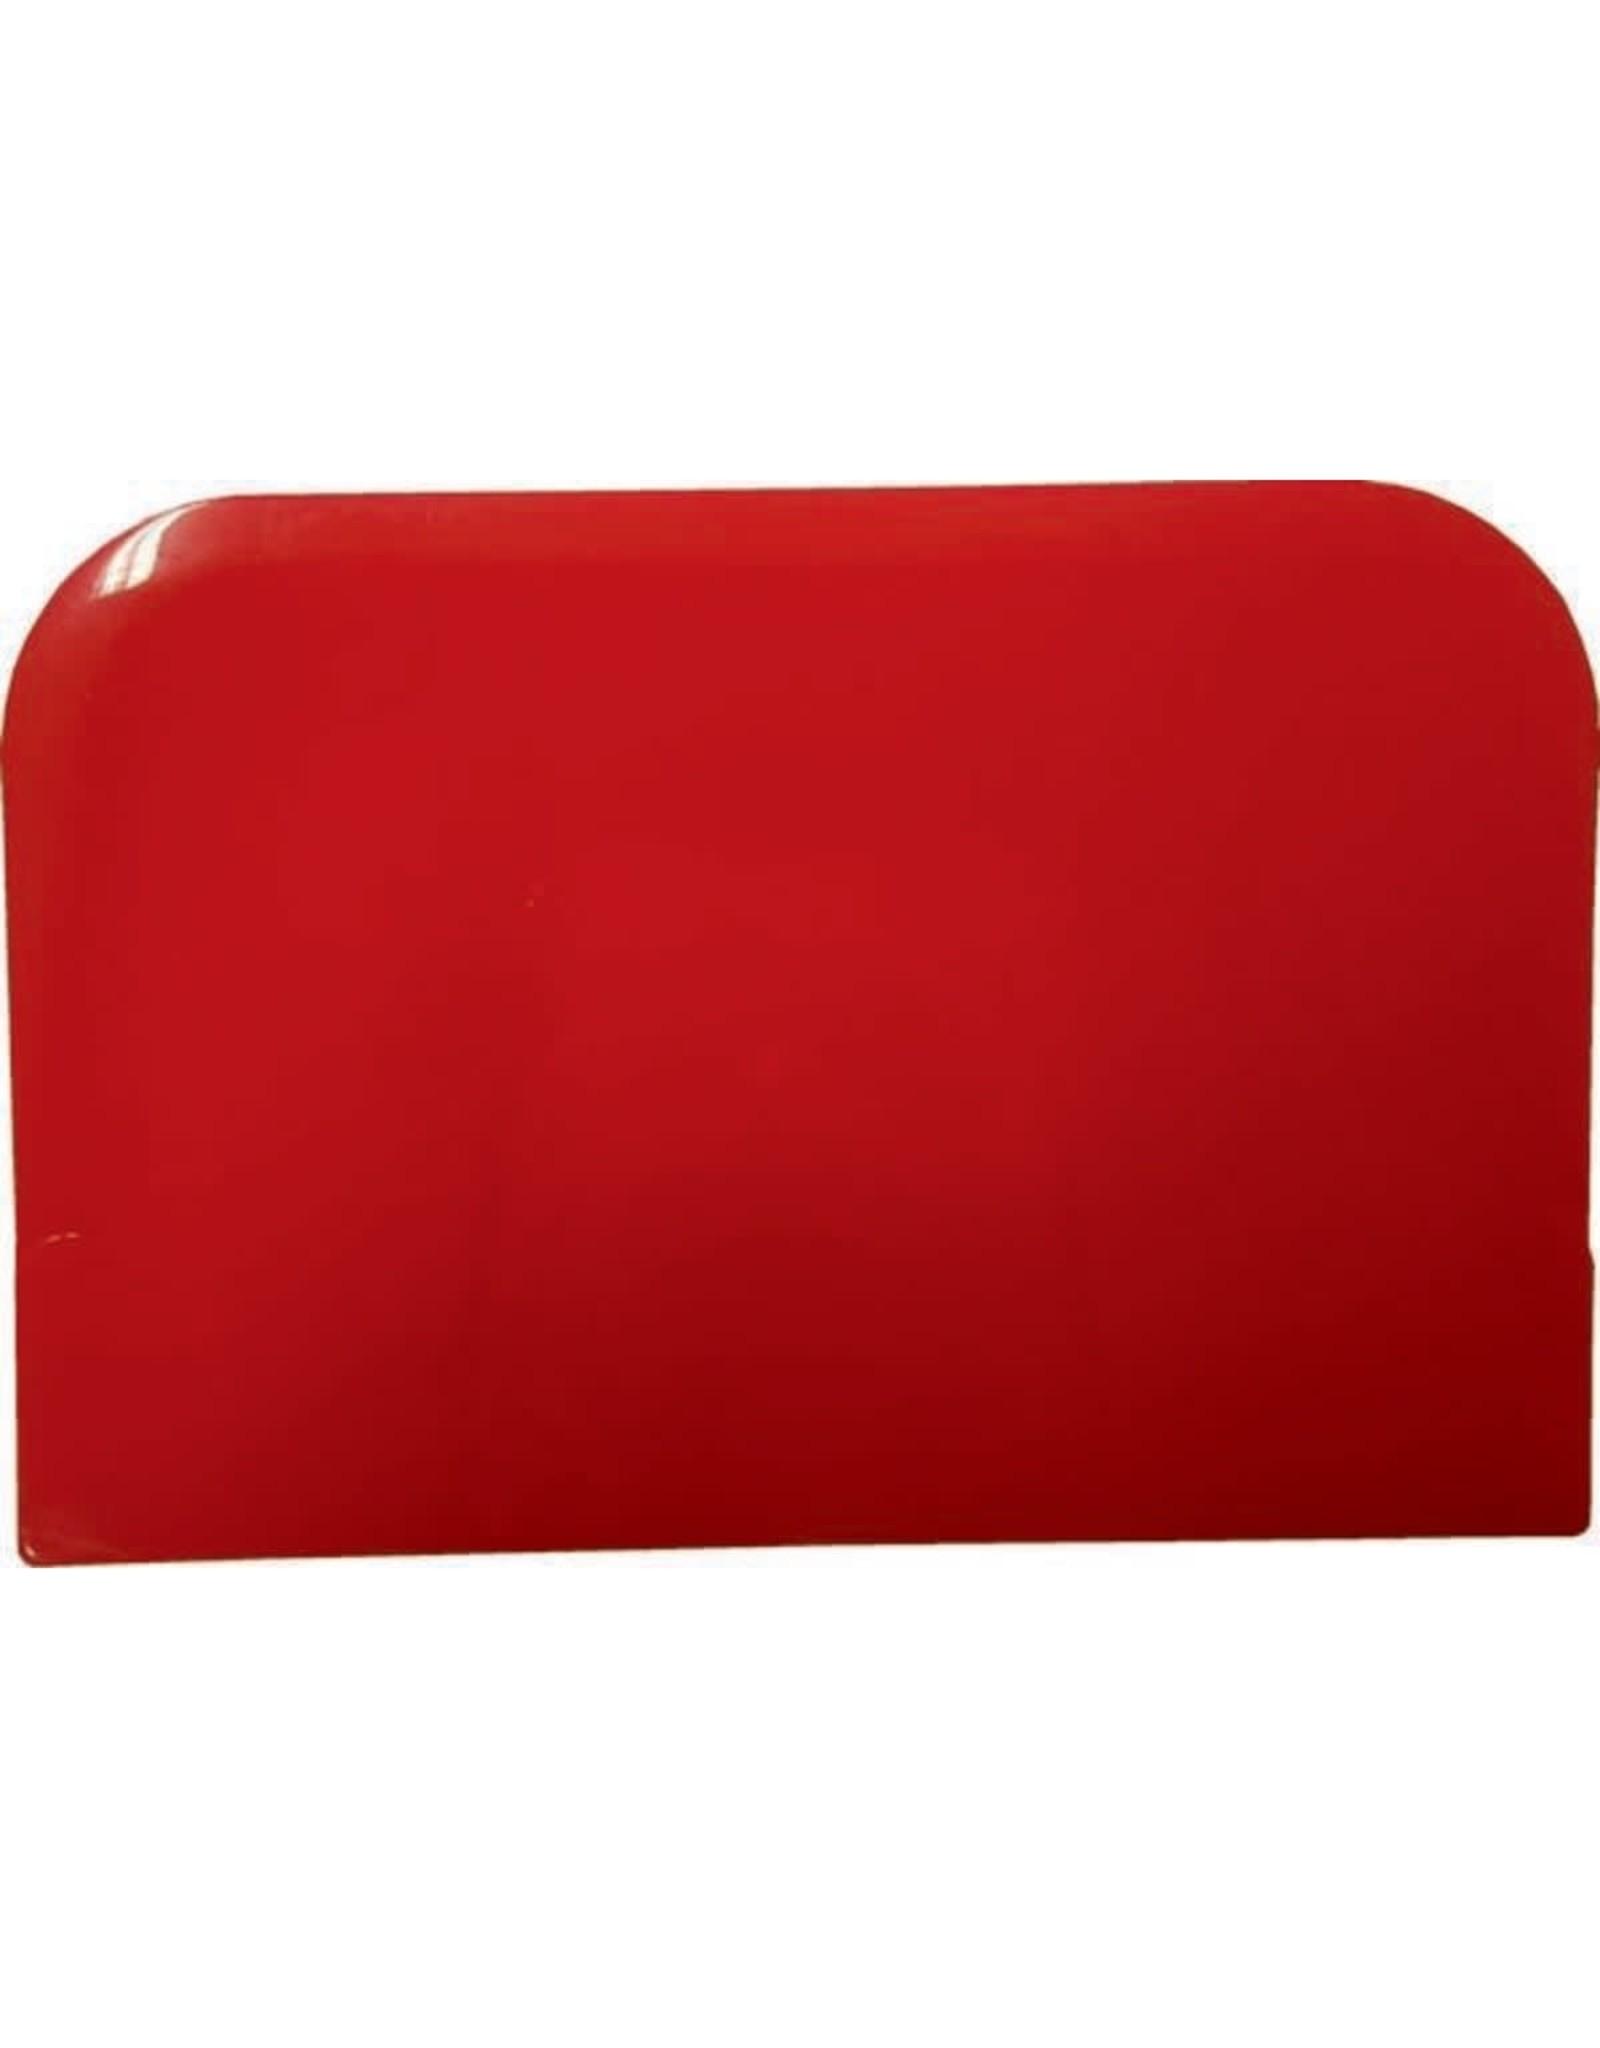 Koswa Deegschraper rechthoek rood